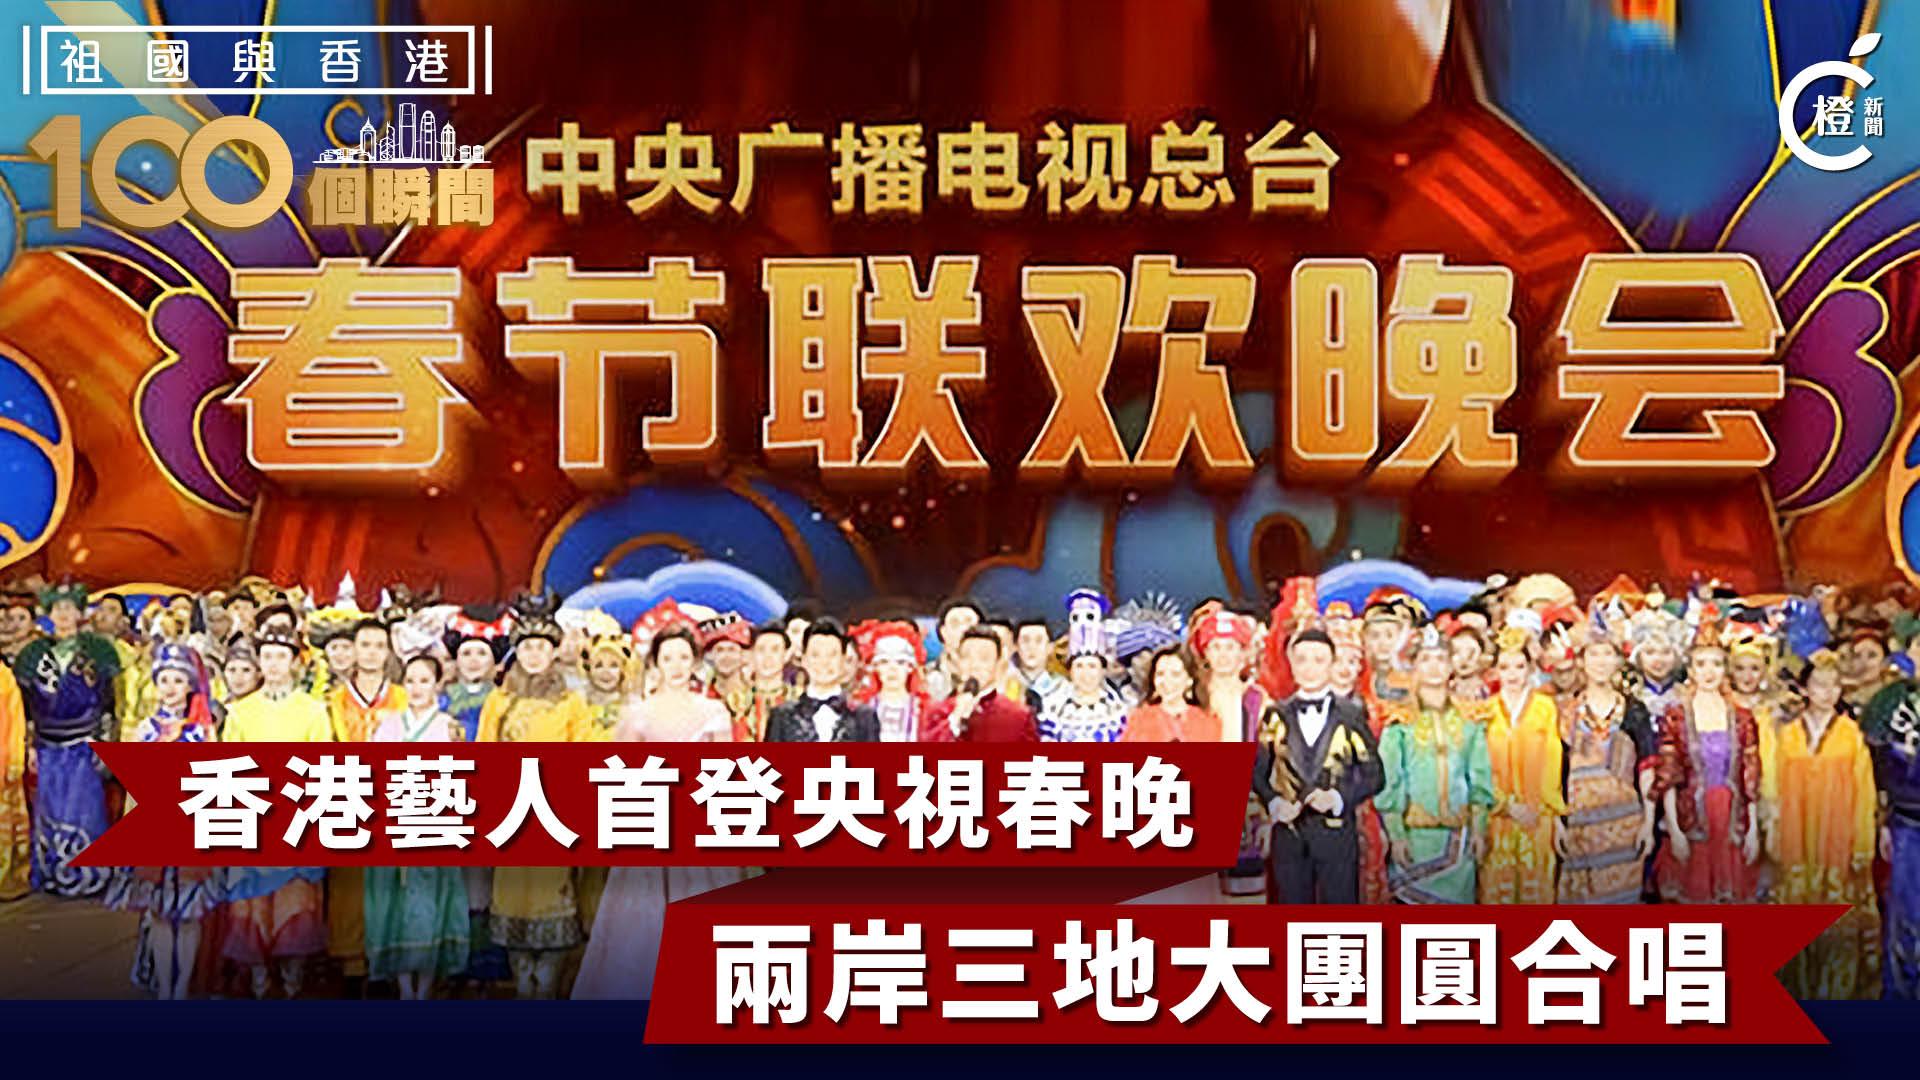 【祖國與香港100個瞬間】香港藝人首登央視春晚 年三十晚大團圓合唱